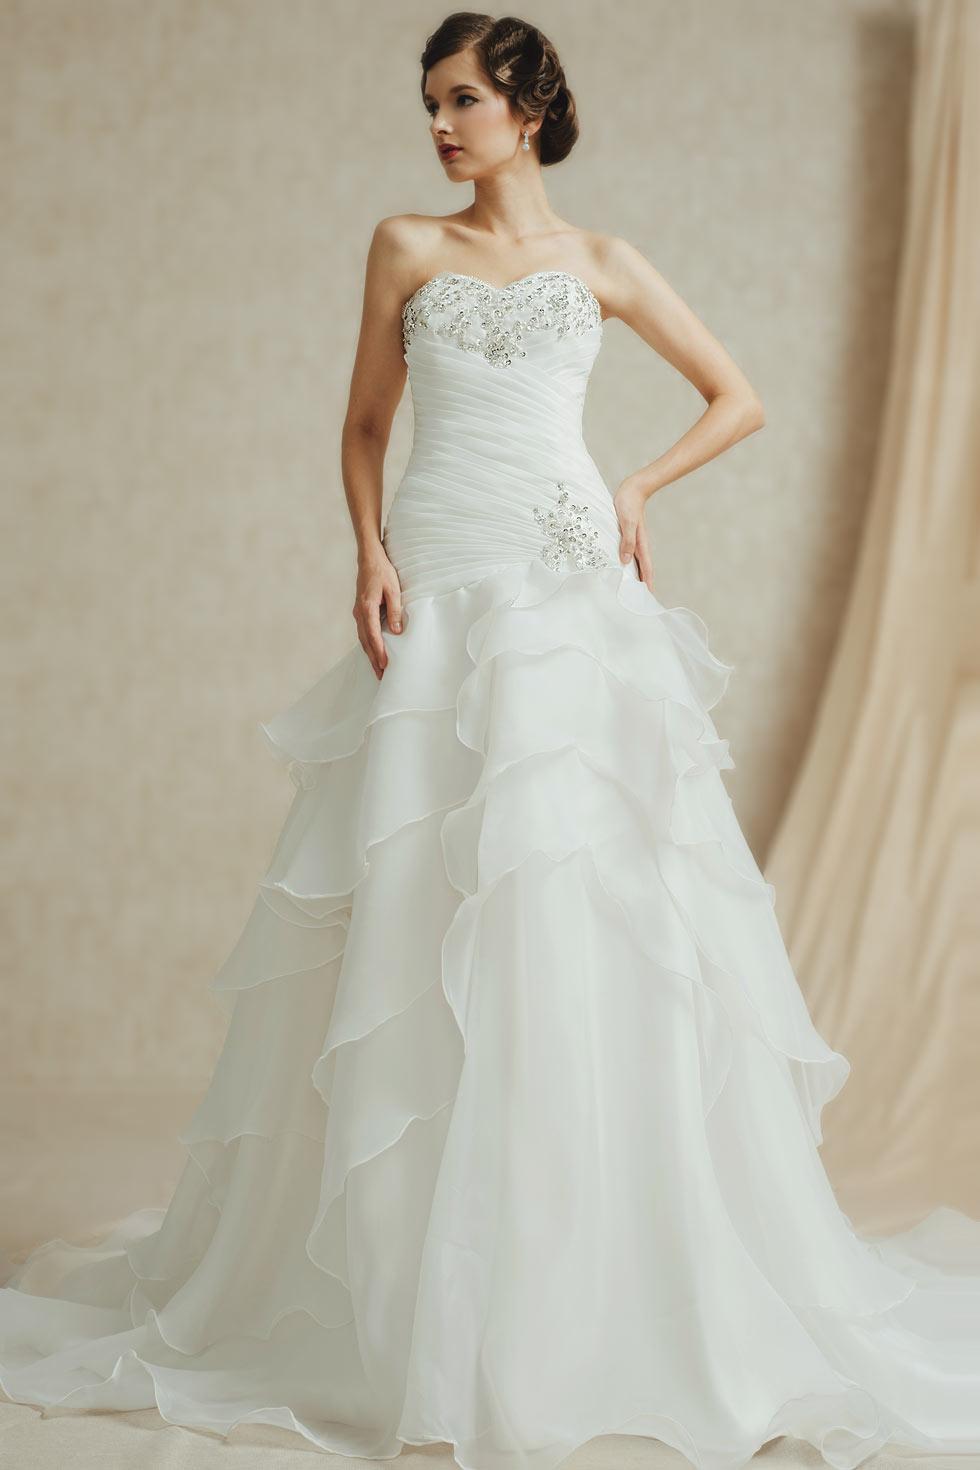 ... Brautkleider Prinzessin Schlichtes Herz-Ausschnitt Brautkleider mit